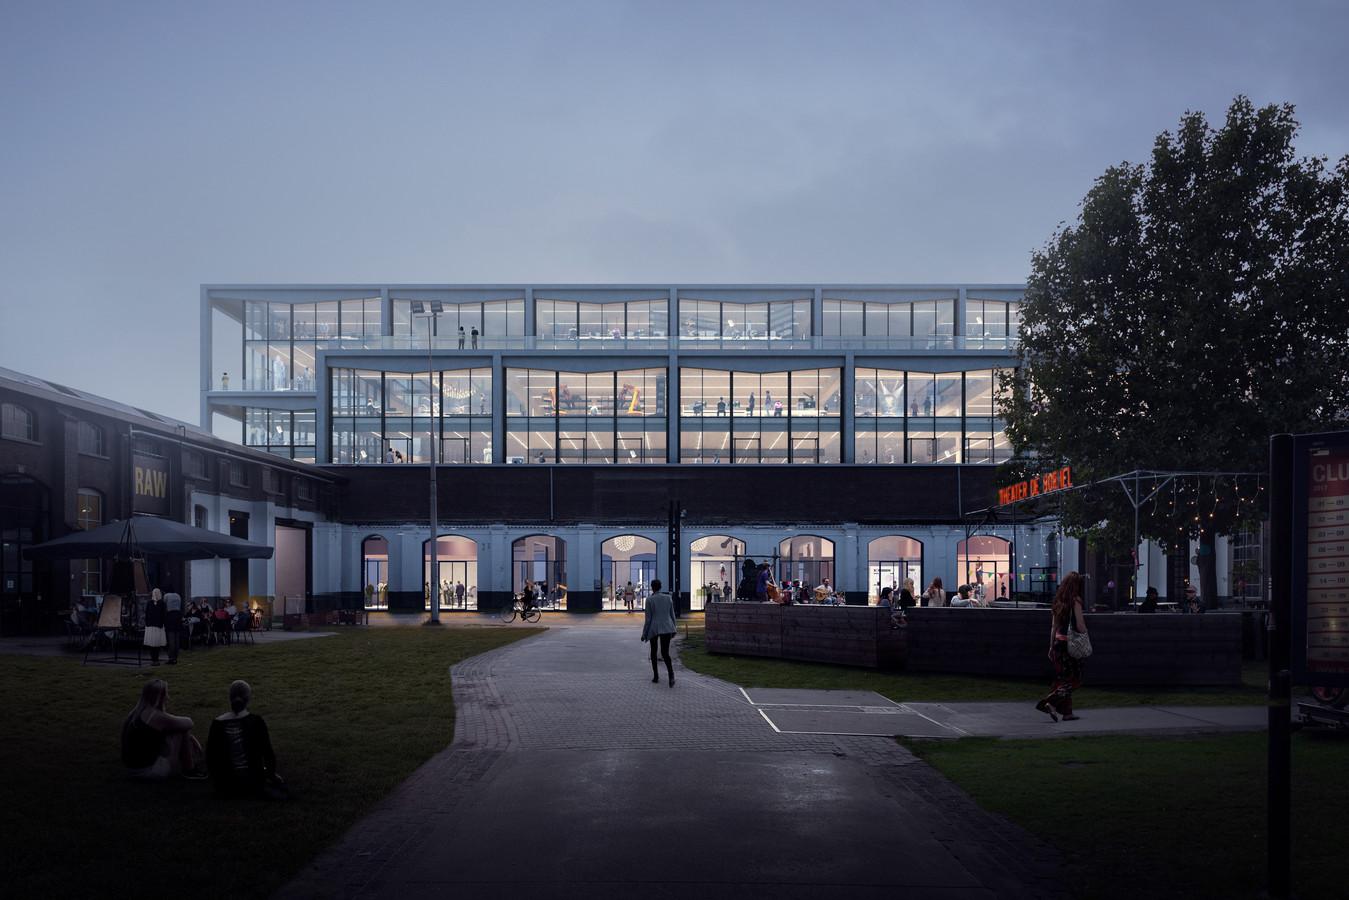 Mindlabs is tijdelijk gevestigd in het Deprez-gebouw aan de Lange Nieuwstraat, maar krijgt uiteindelijk een vast onderkomen in de nieuwbouw aan de oostkant van de LocHal.